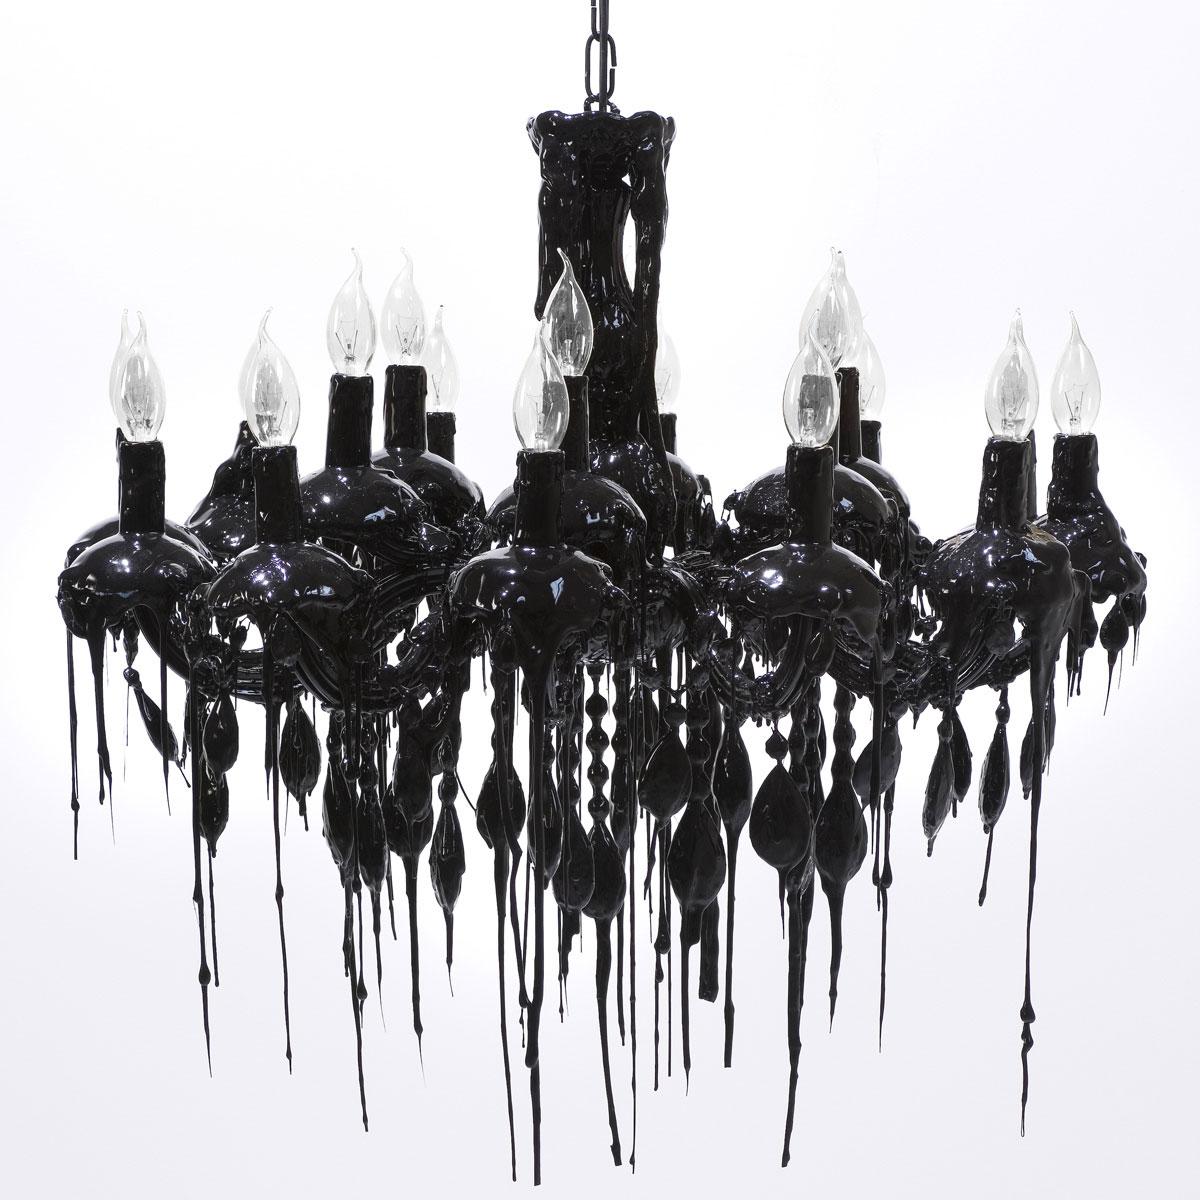 Czarny żyrandol ciekawy o ciekawym designie, imitującym świece i spływający wosk